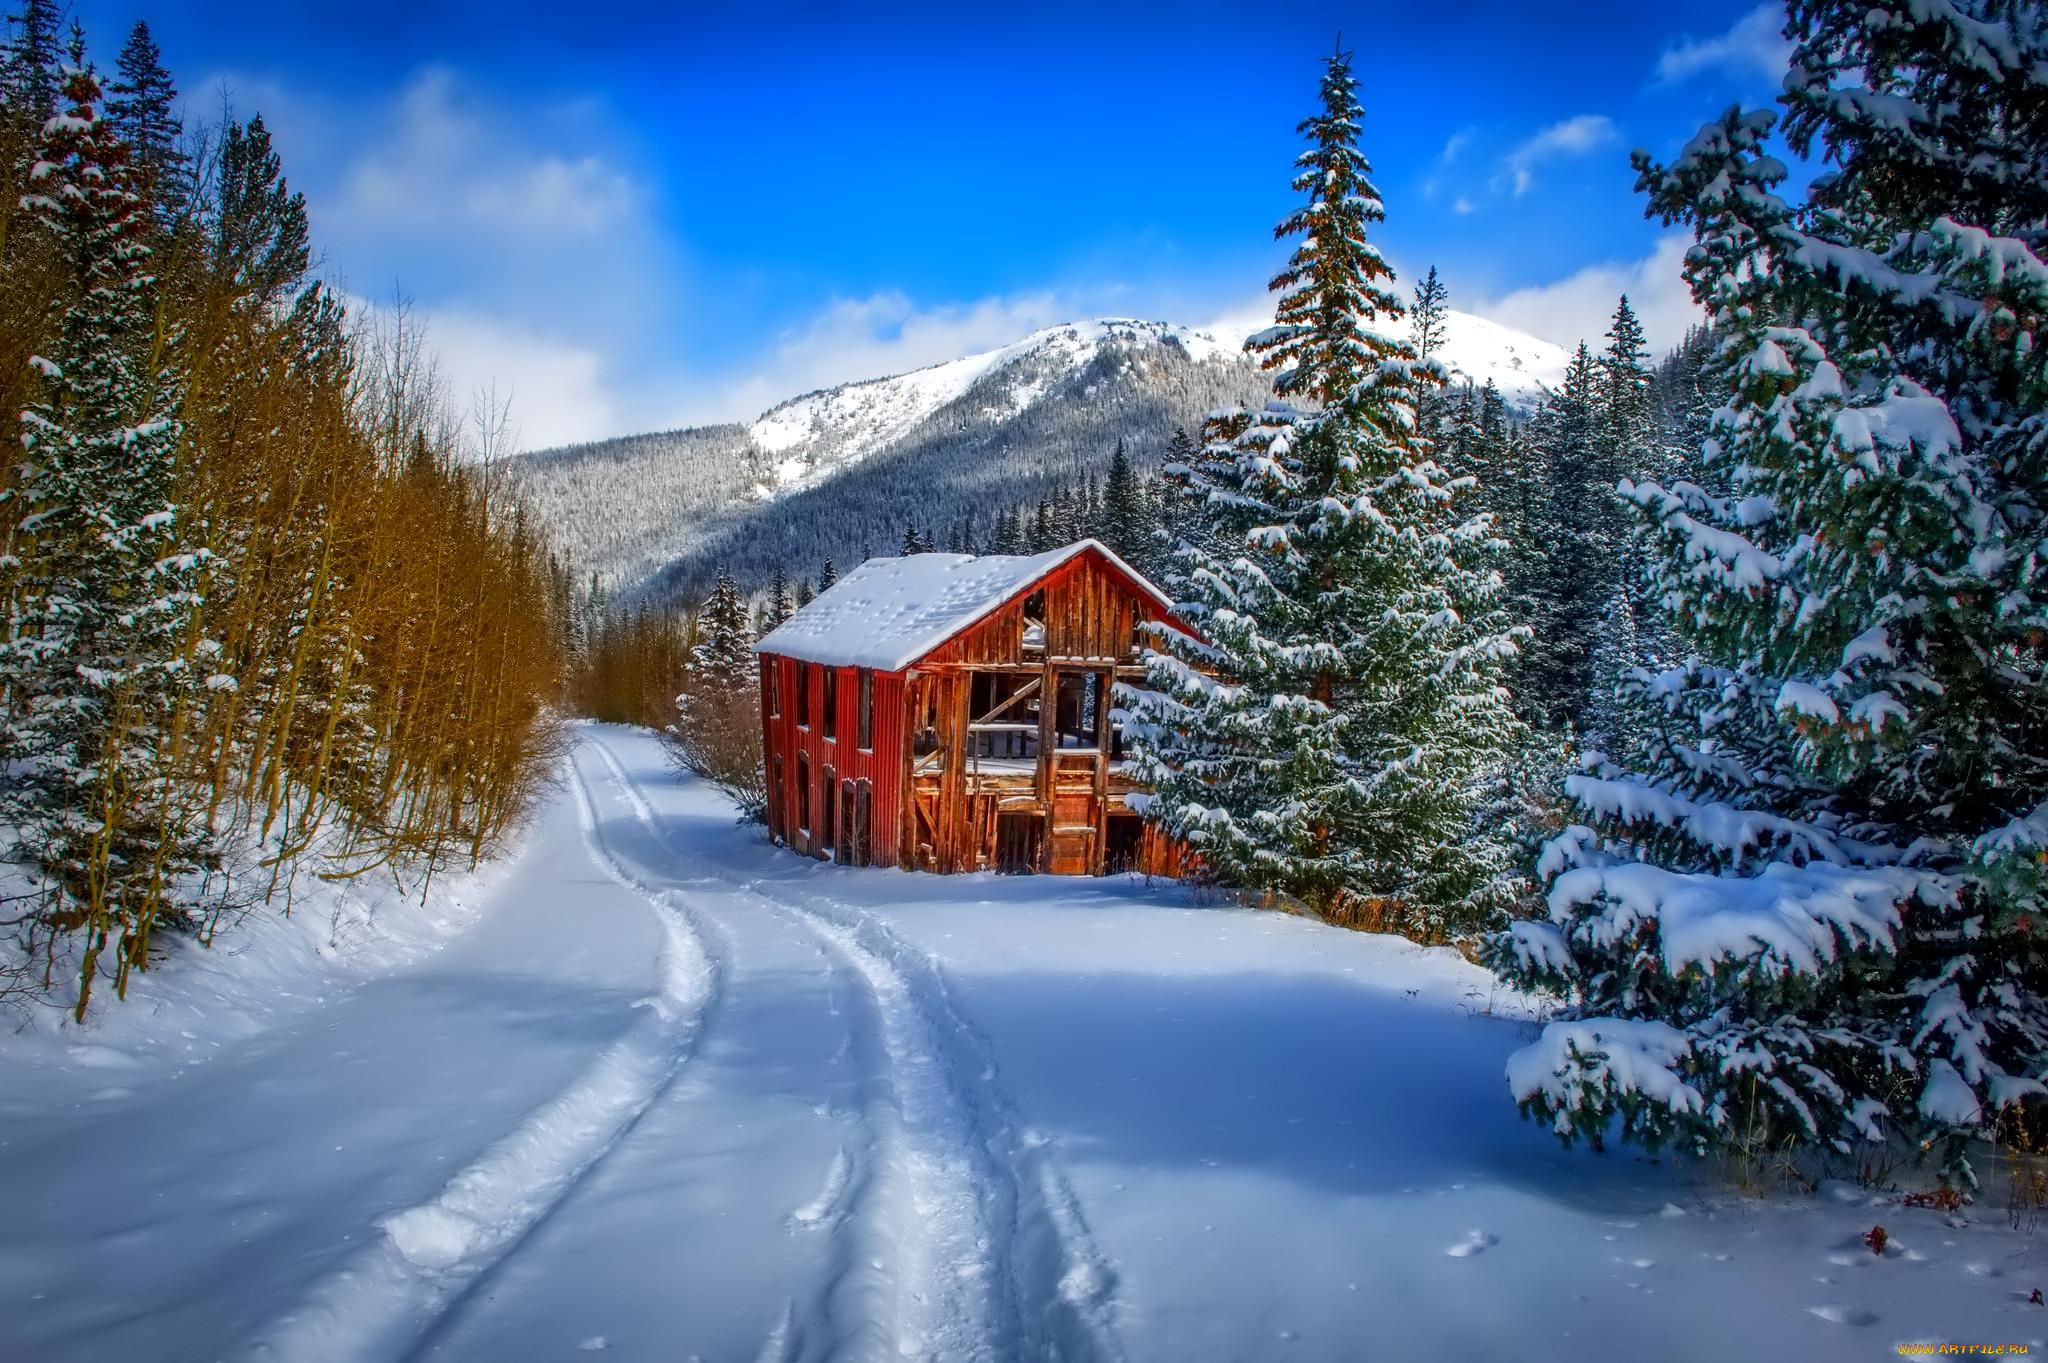 знаем историю домик в снегу фотообои для рабочего стола этого снимка